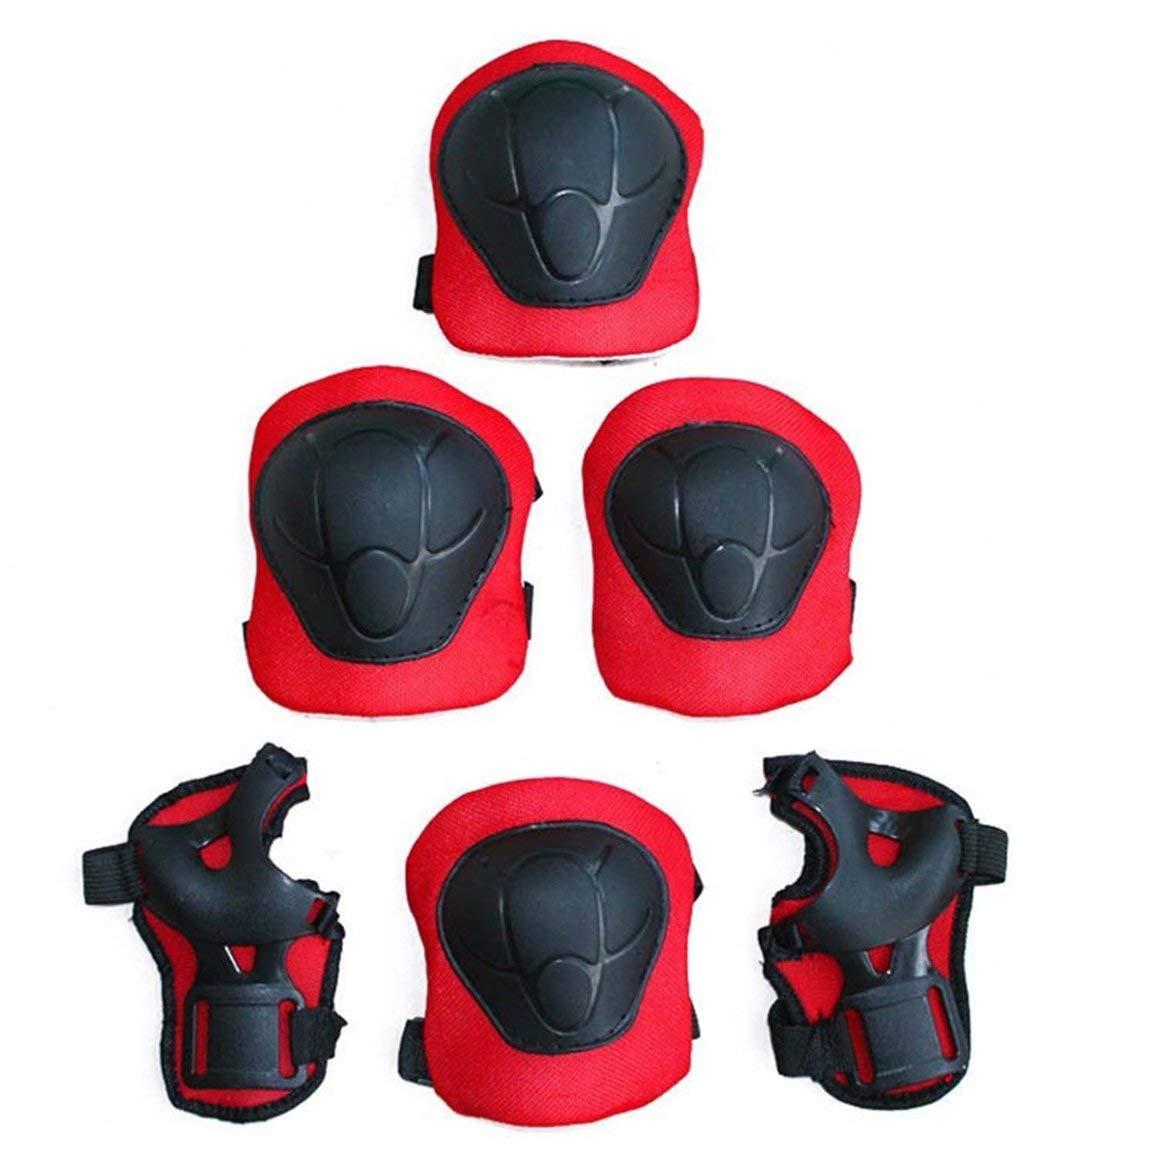 7pcs ensemble universel enfants enfants /équipement de protection ensemble confortable scooter skate rouleau cycliste genouill/ères coudi/ères tapis fghfhfgjdfj